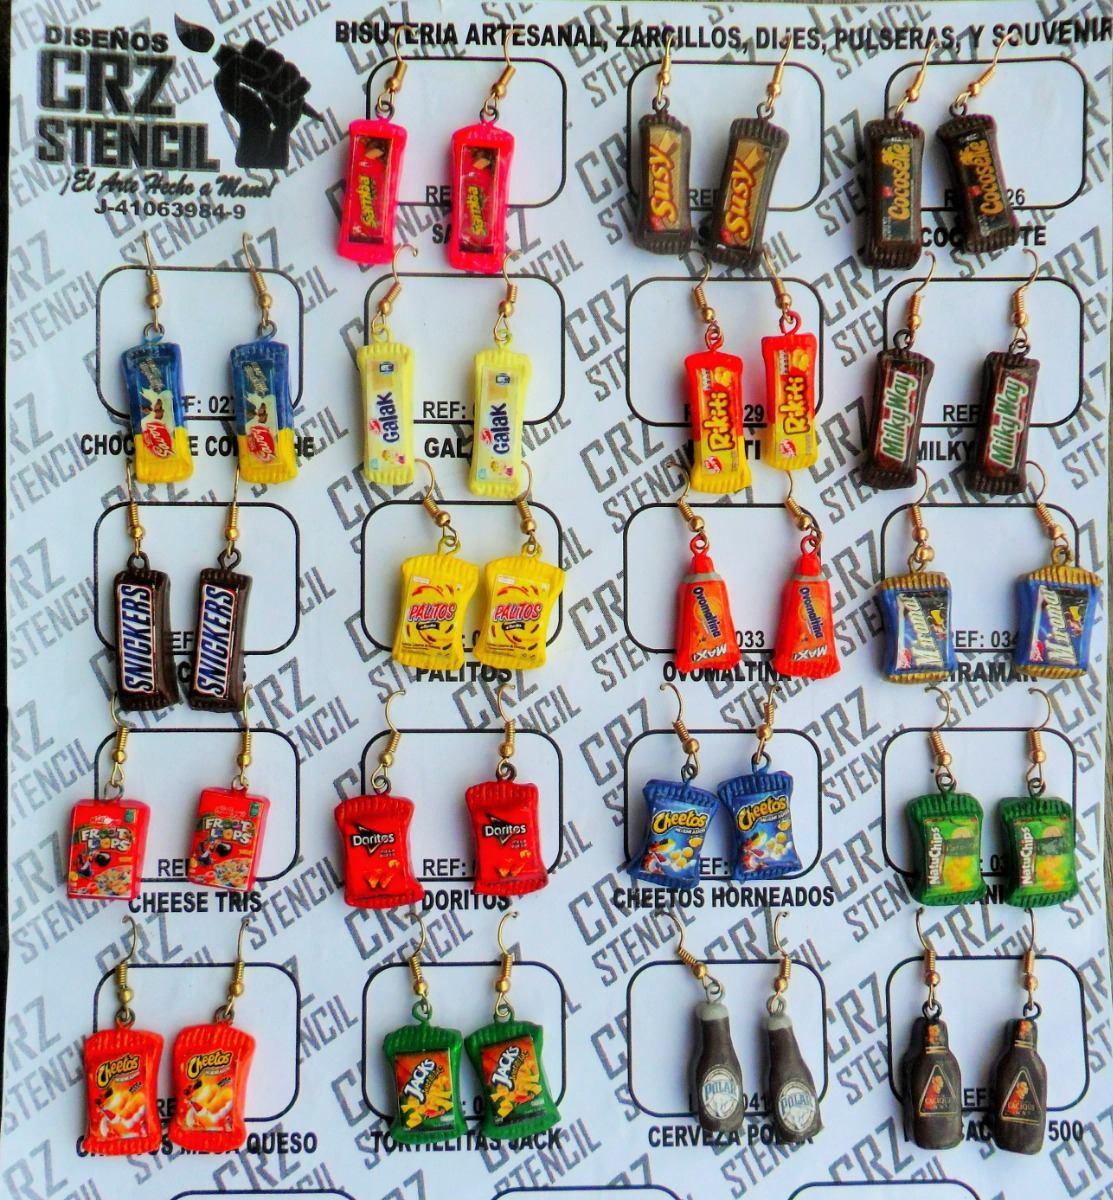 d2ae34f32237 12 Dijes De Venezuela Para Pulseras Zarcillo Soy Fabricante - Bs ...